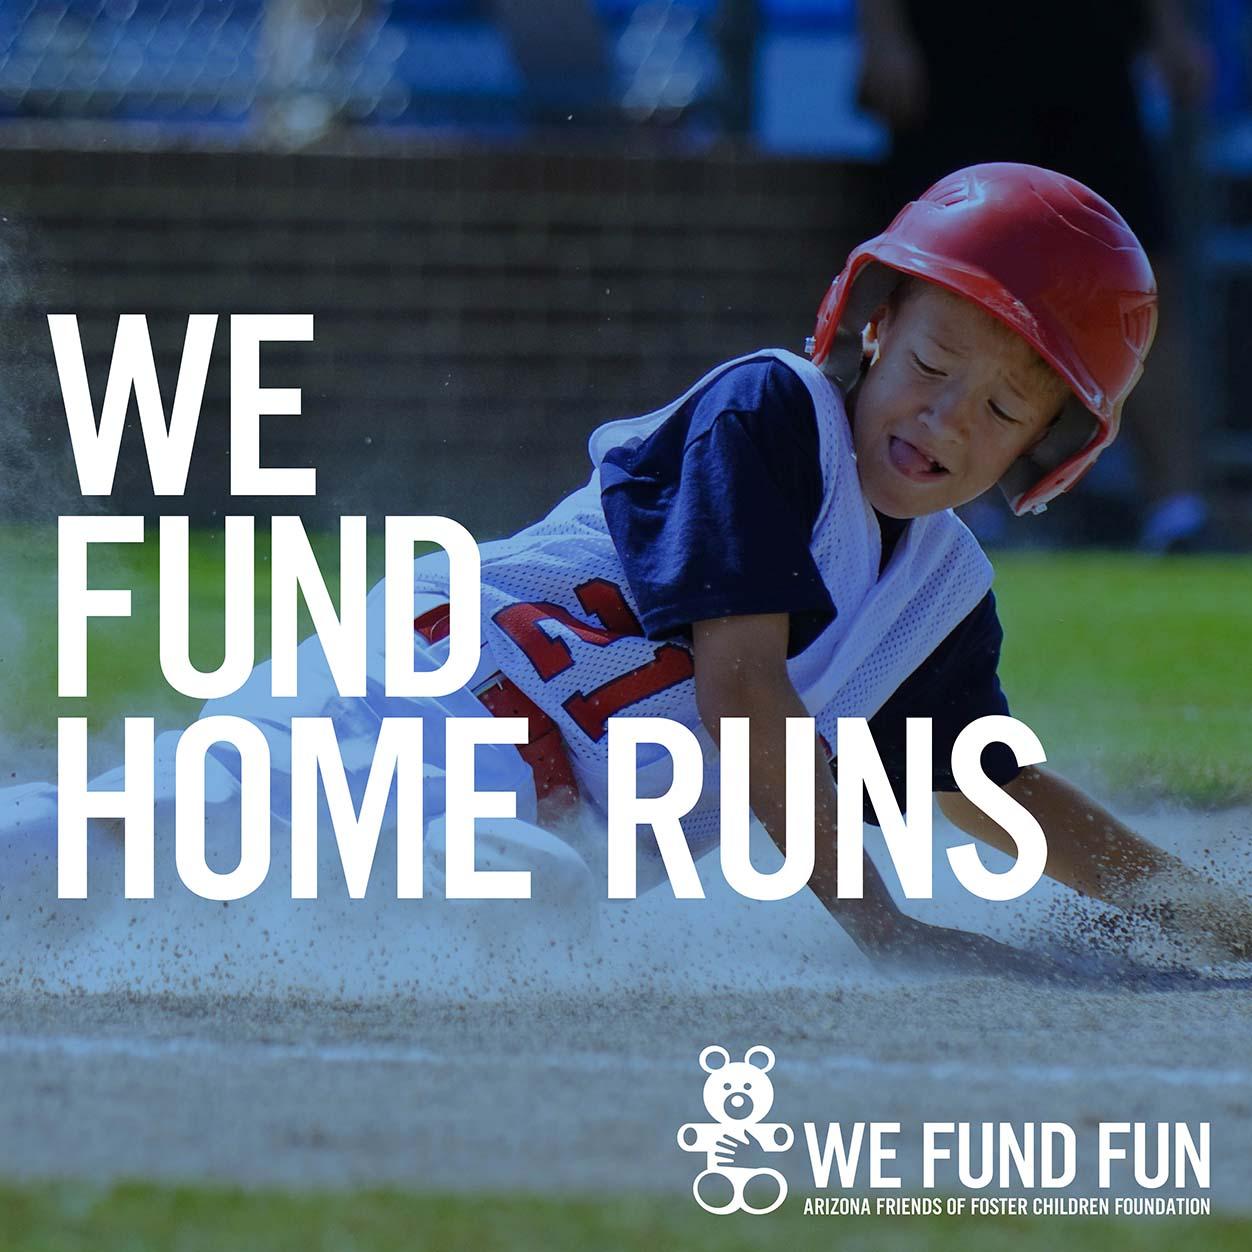 Funding For Children's Activities